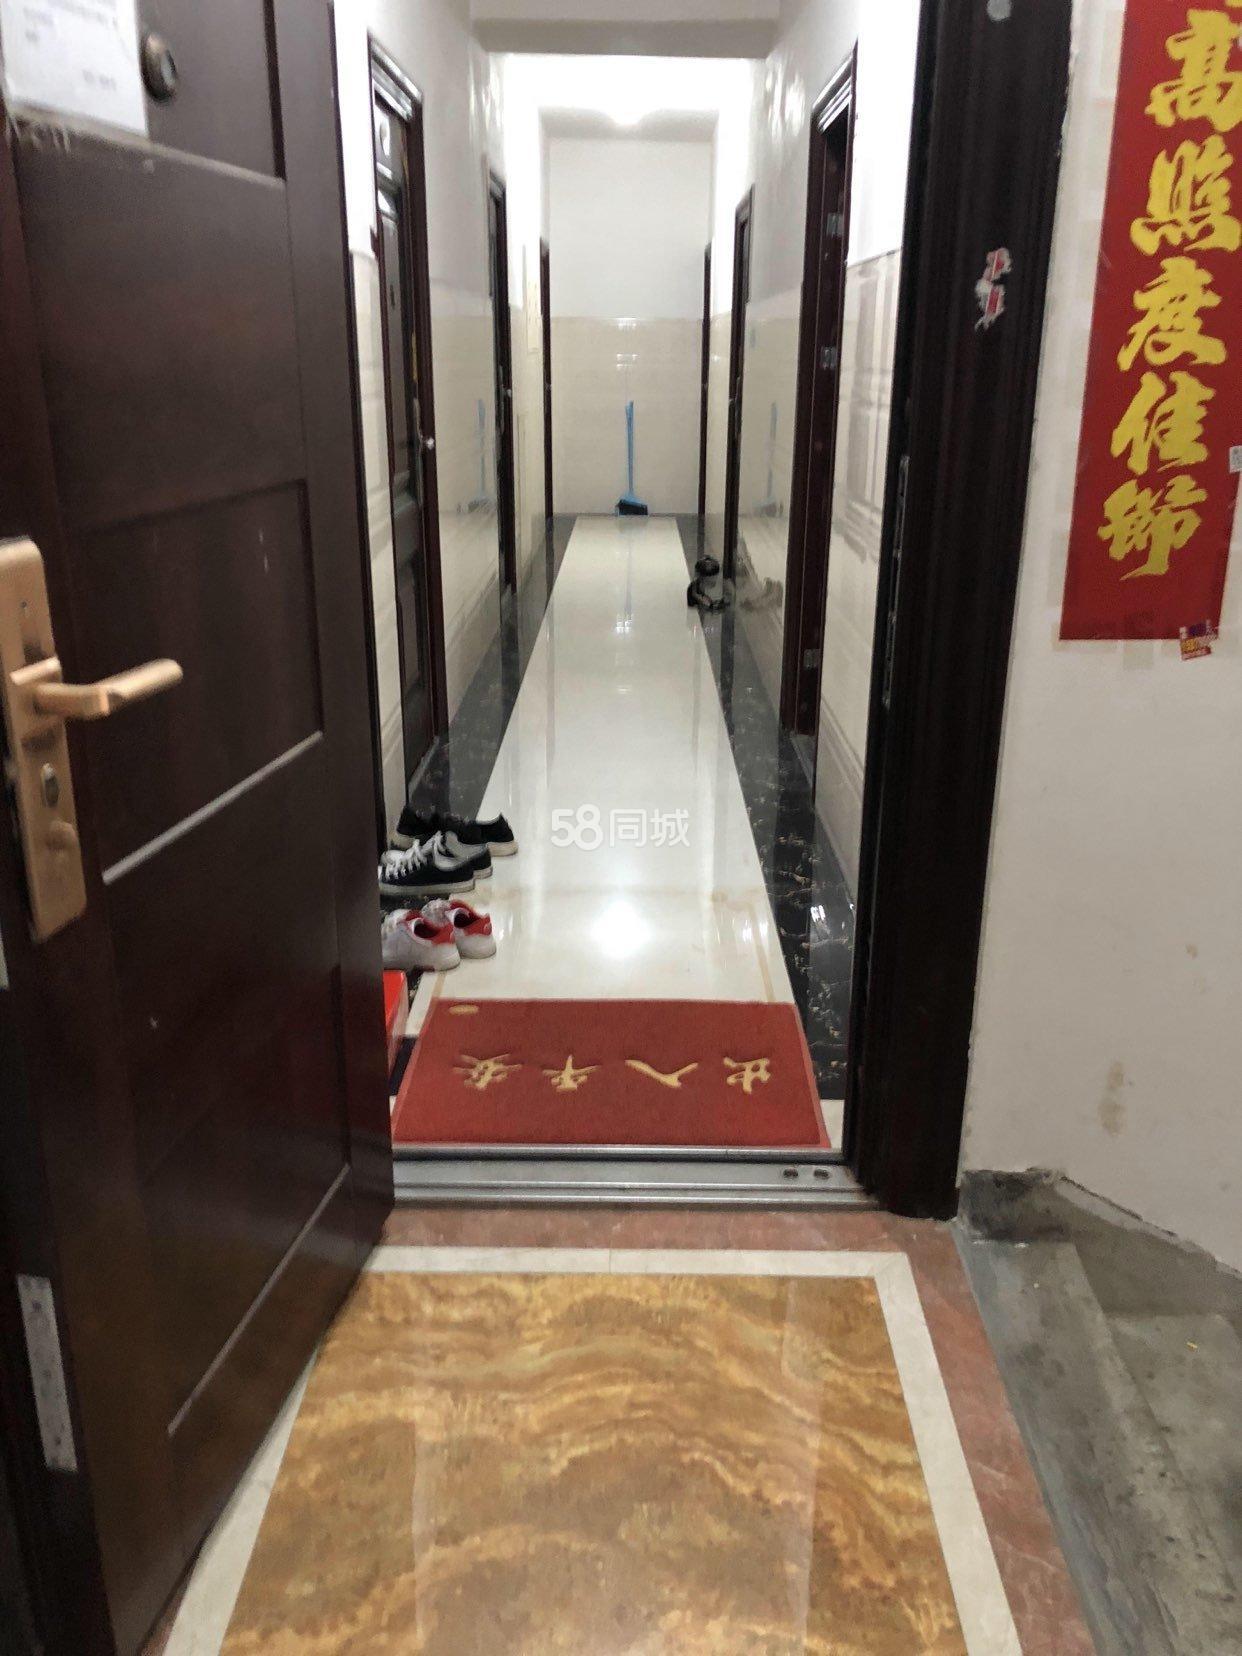 長勝酒店式公寓,紫陽大道太子殿地鐵口1室0廳1衛1室0